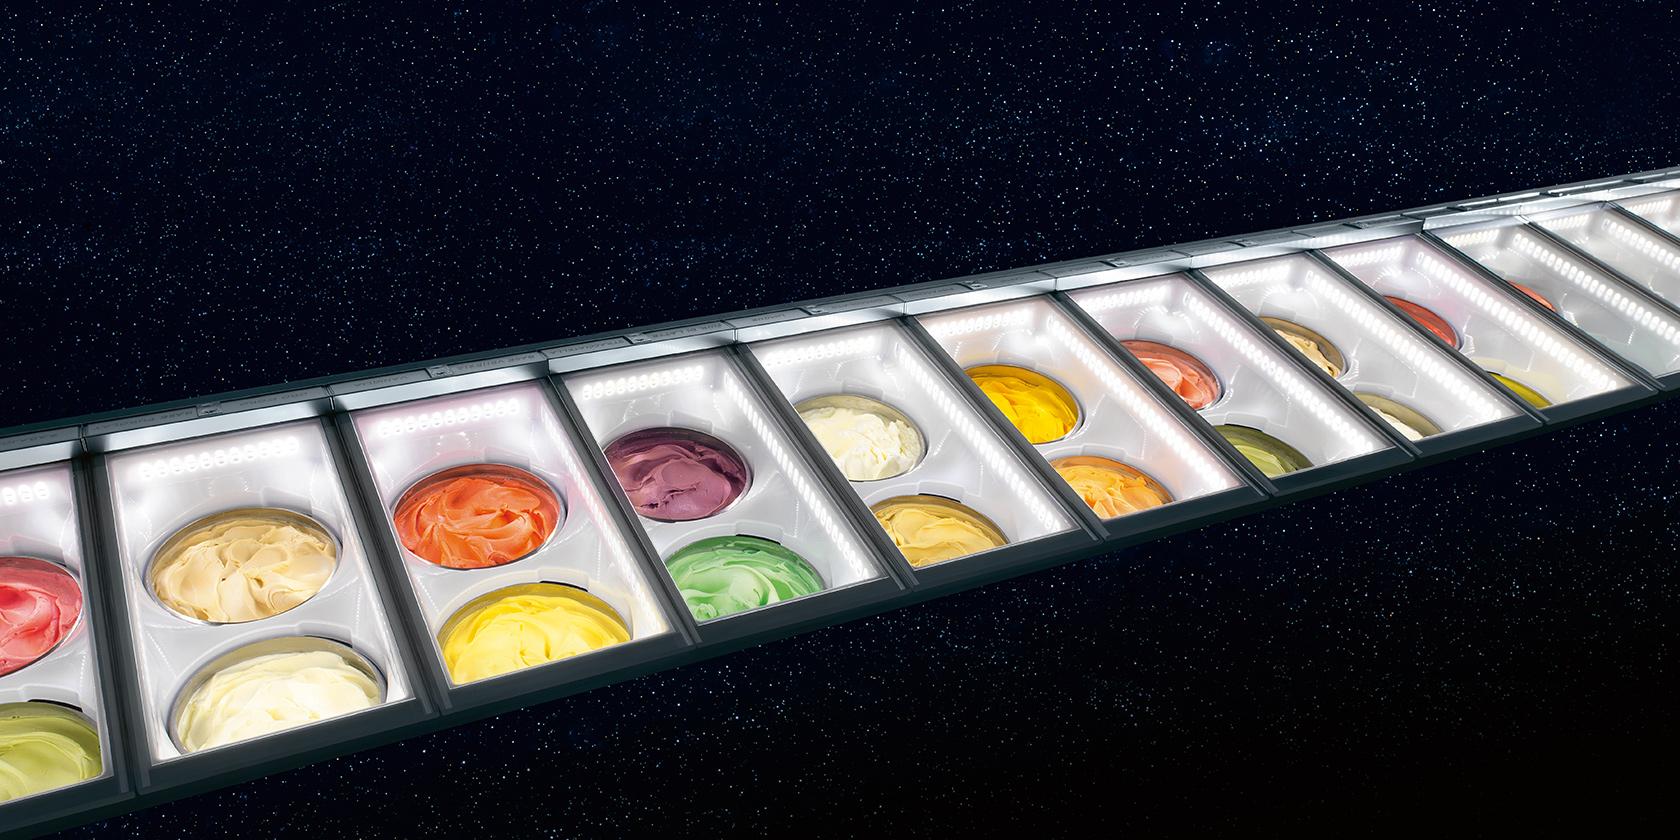 panorama-technology-arredamento-gelateria-ifi-11ByJUNSCxMTww4